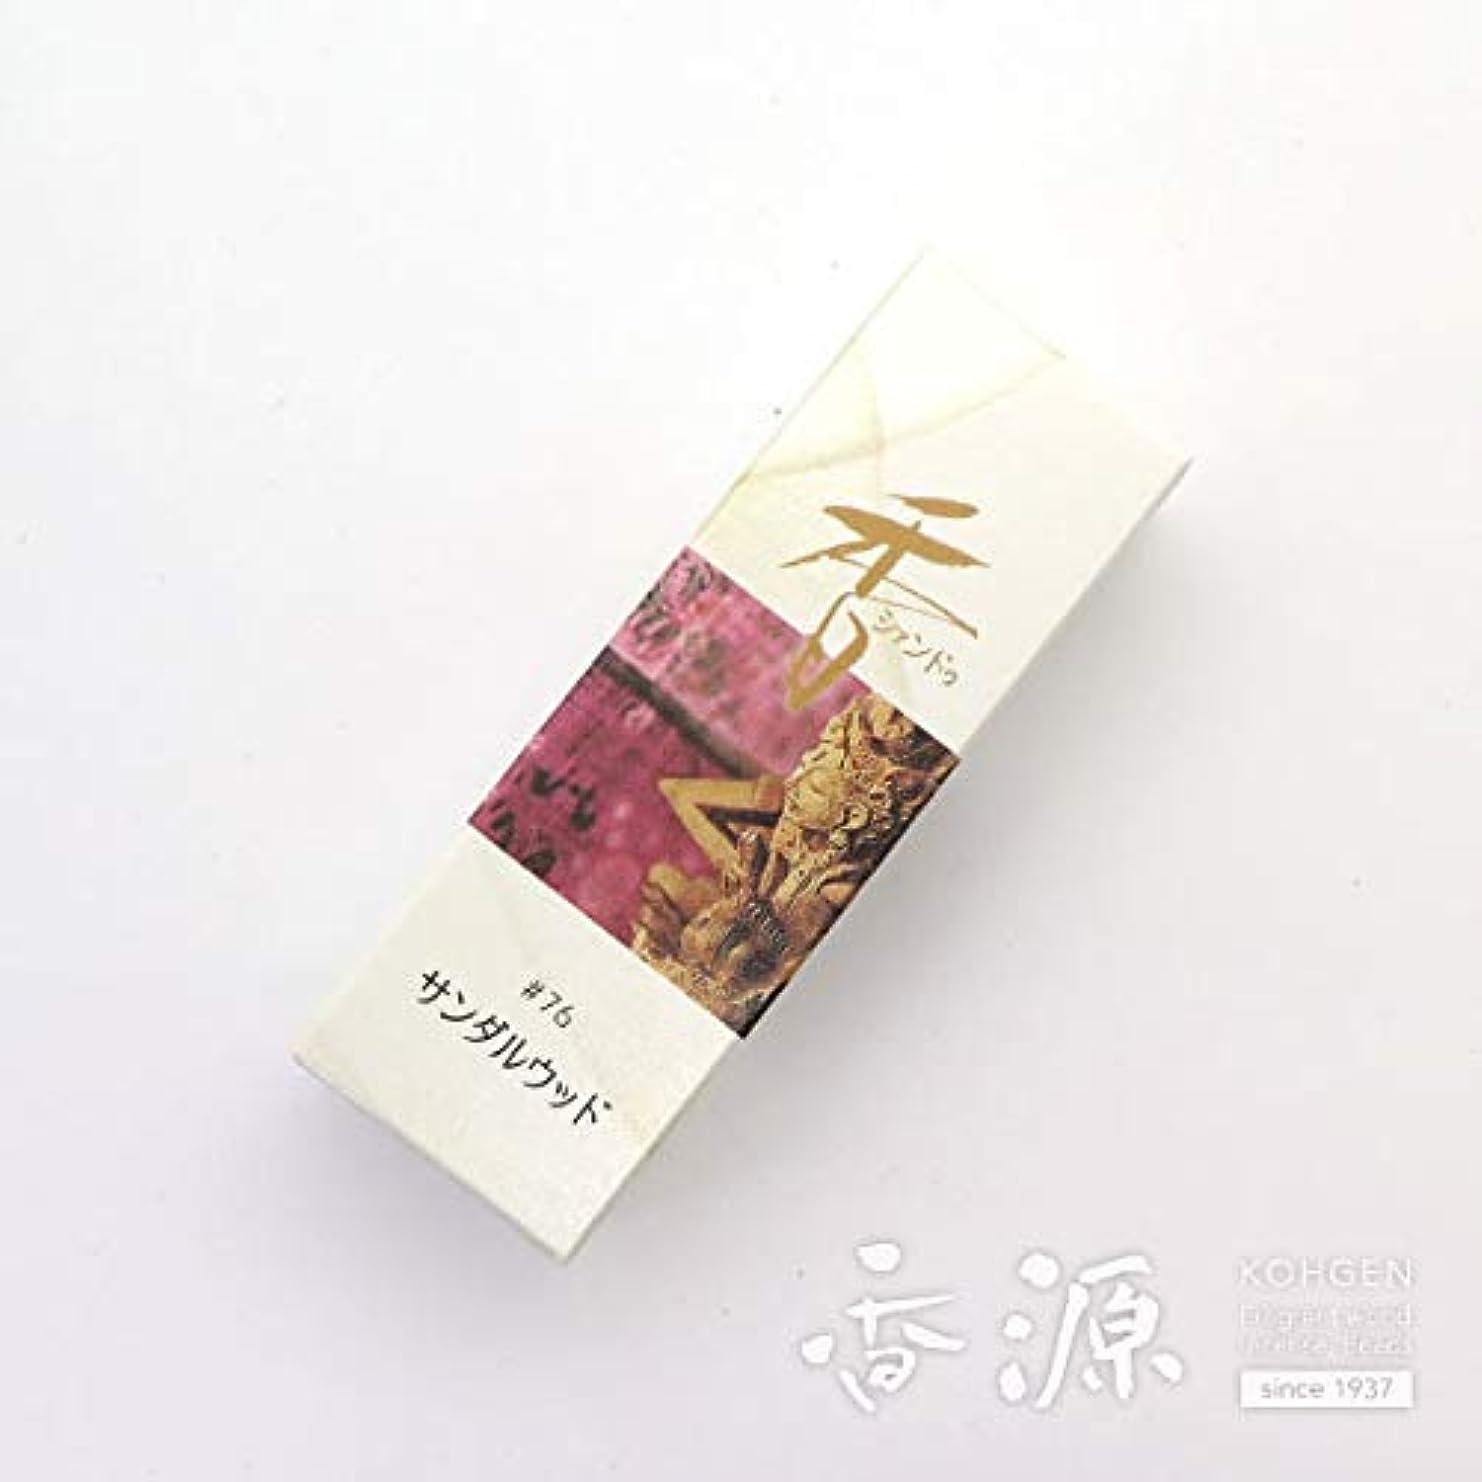 狂気倍率農民松栄堂のお香 Xiang Do サンダルウッド ST20本入 簡易香立付 #214276